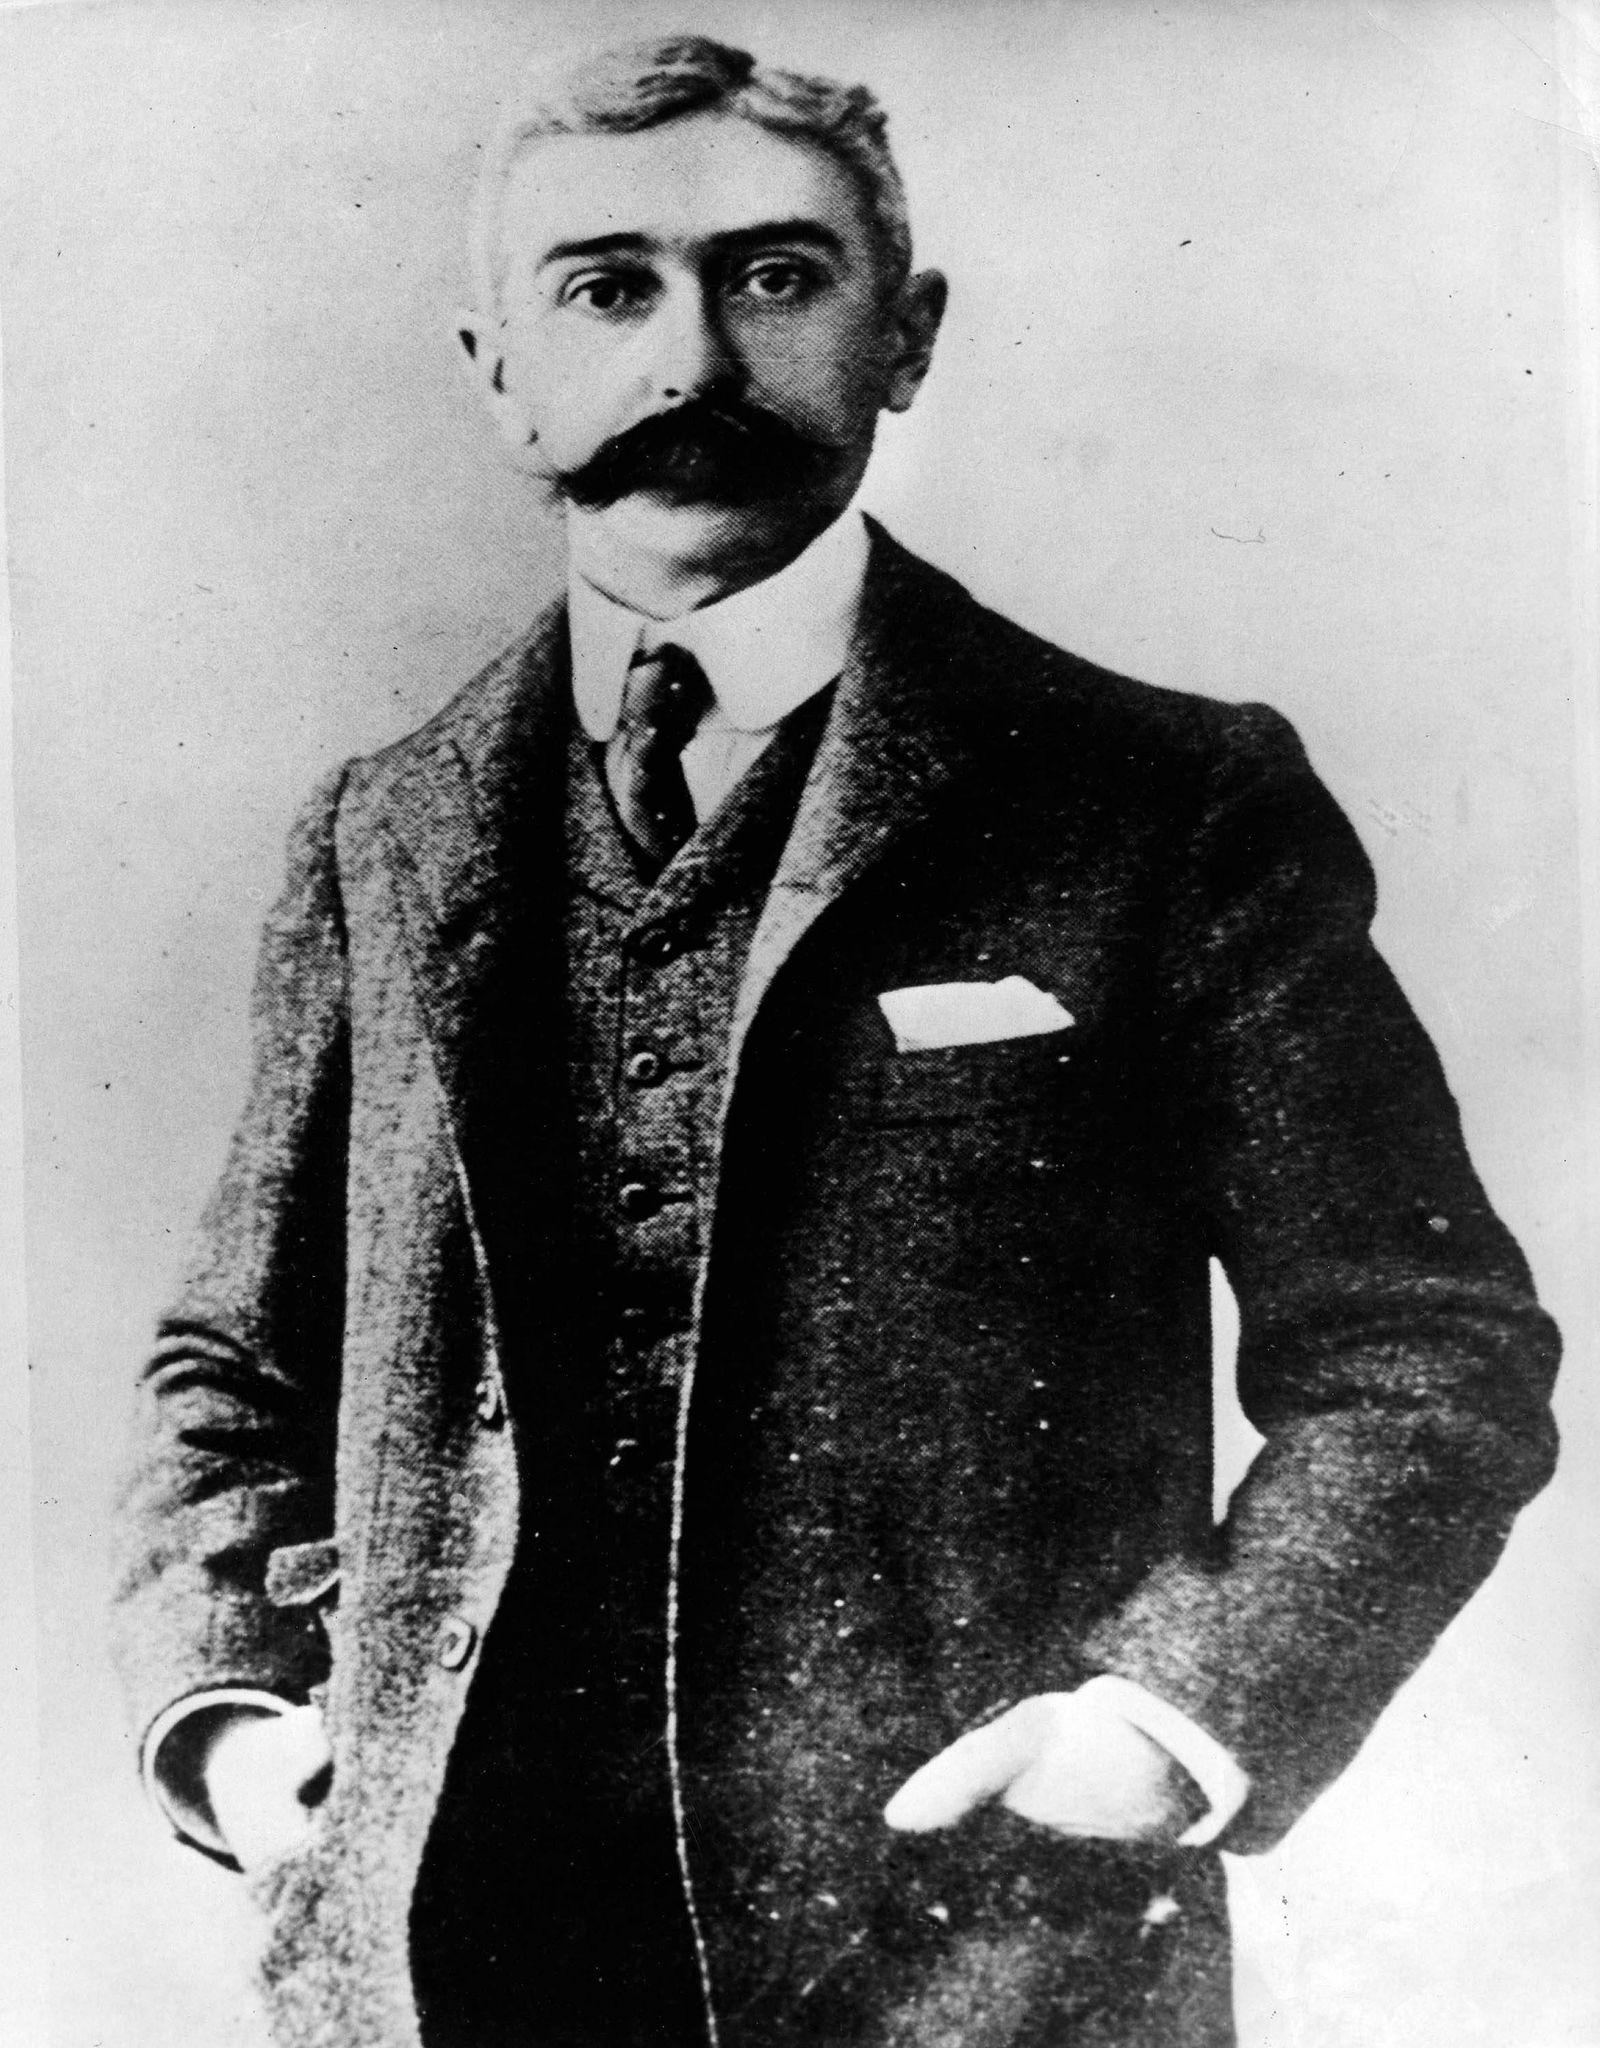 Baron Pierre de Coubertin (Frankreich) - Gründer des Internationalen Olympischen Komitees IOC - PUBLICATIONxINxGERxSUI